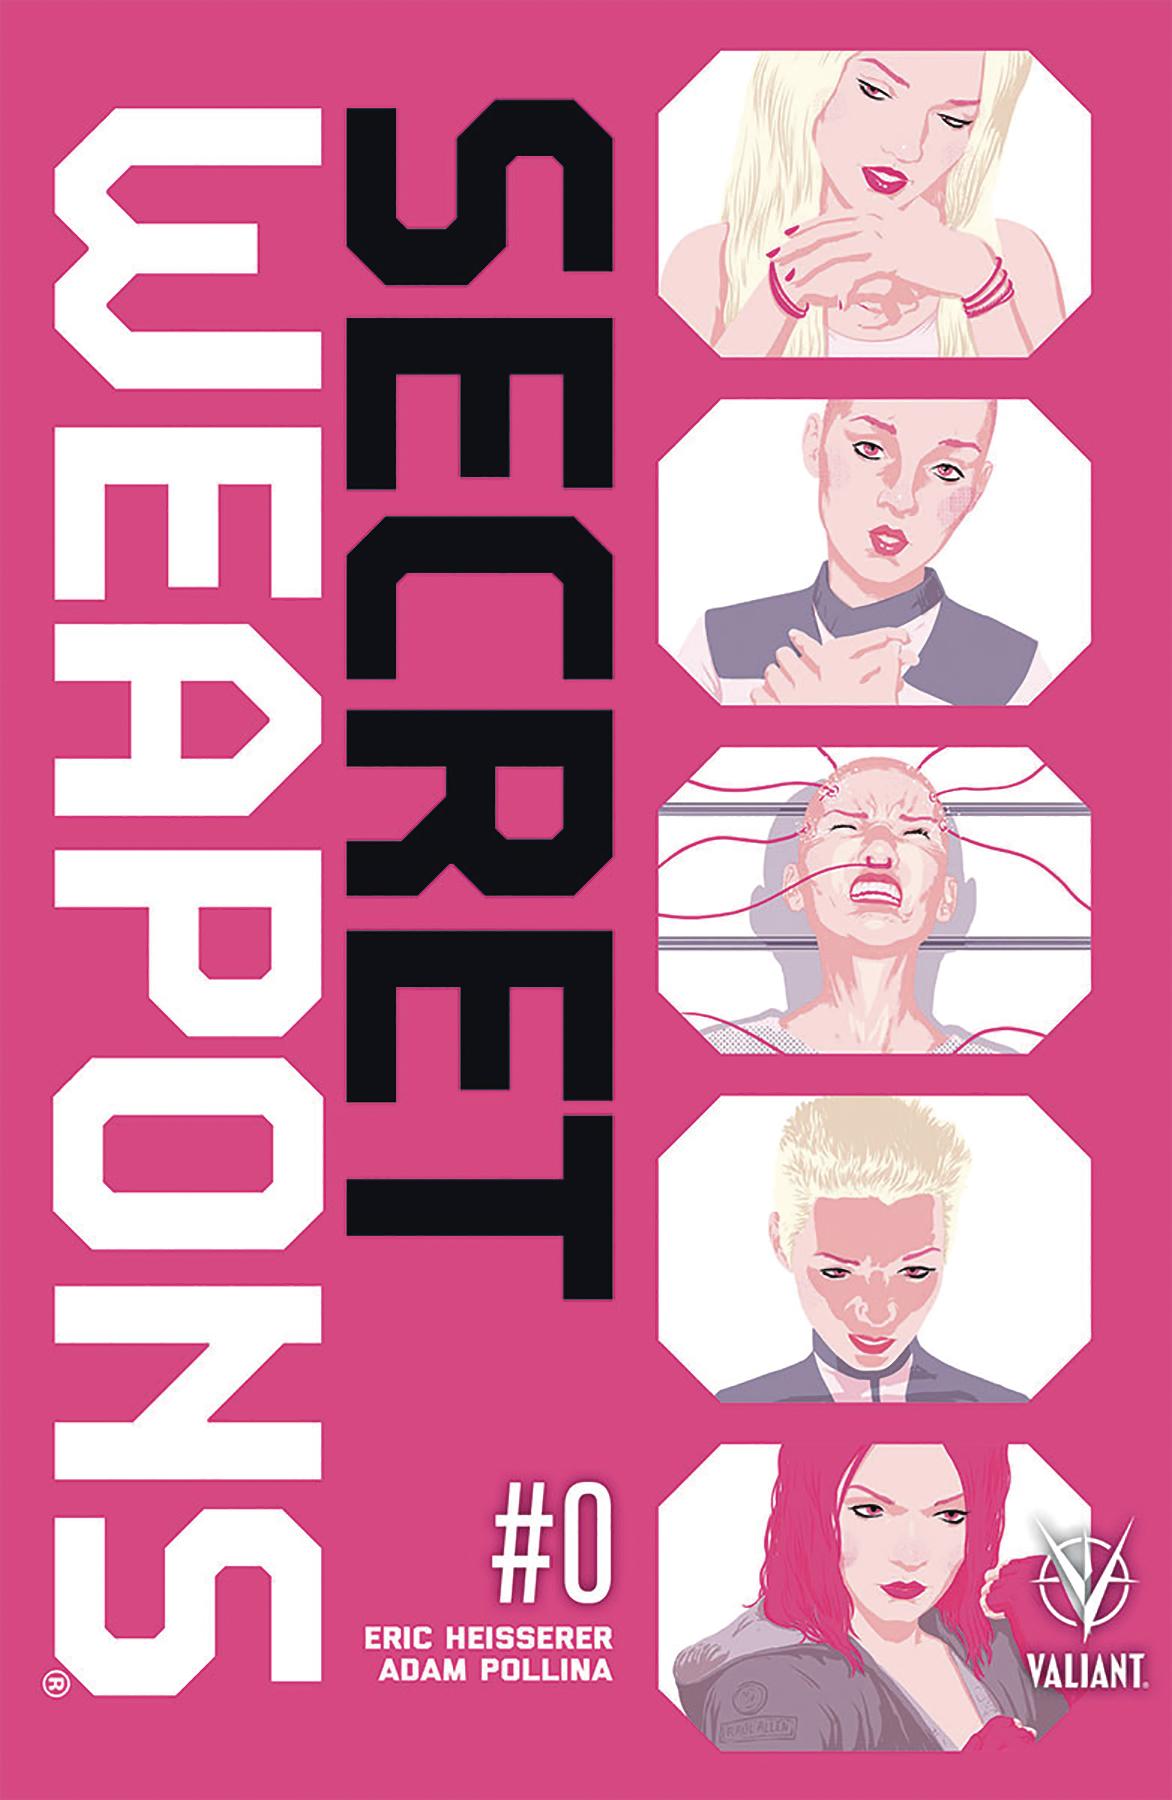 Raul Allen - Secret Weapon #1 cover